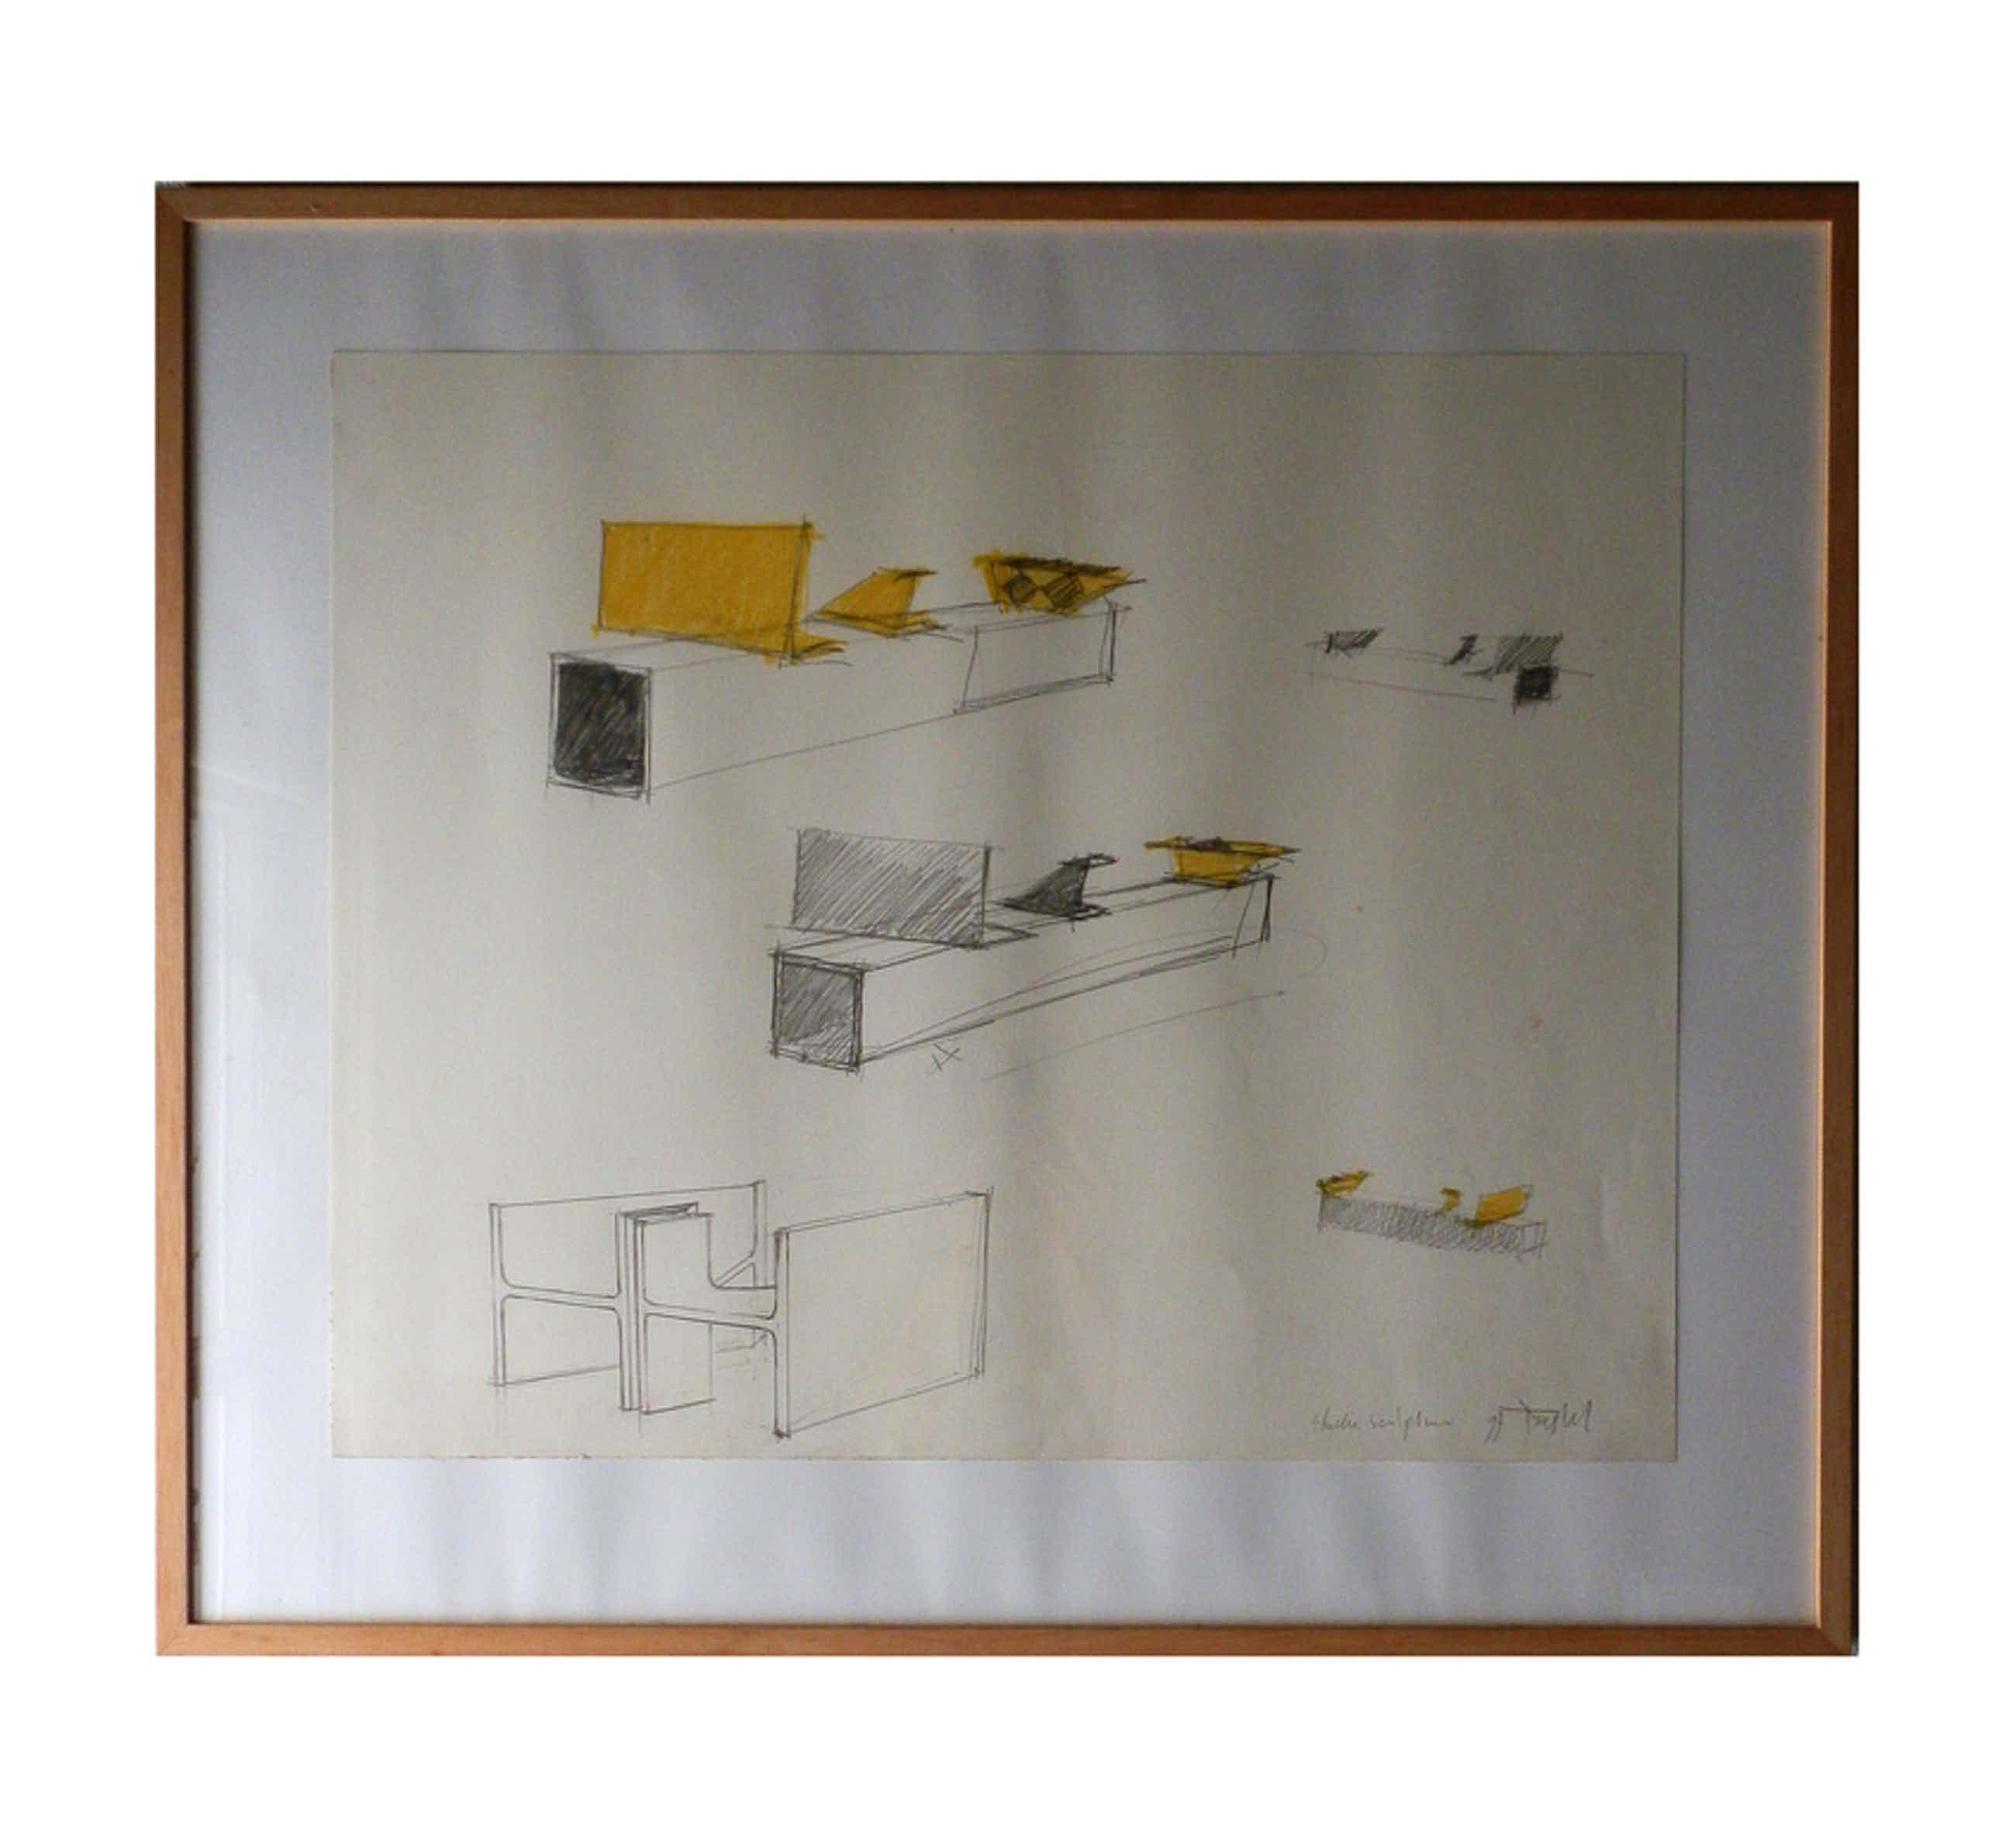 Piet Tuytel, Studie voor sculptuur, 1996 kopen? Bied vanaf 40!